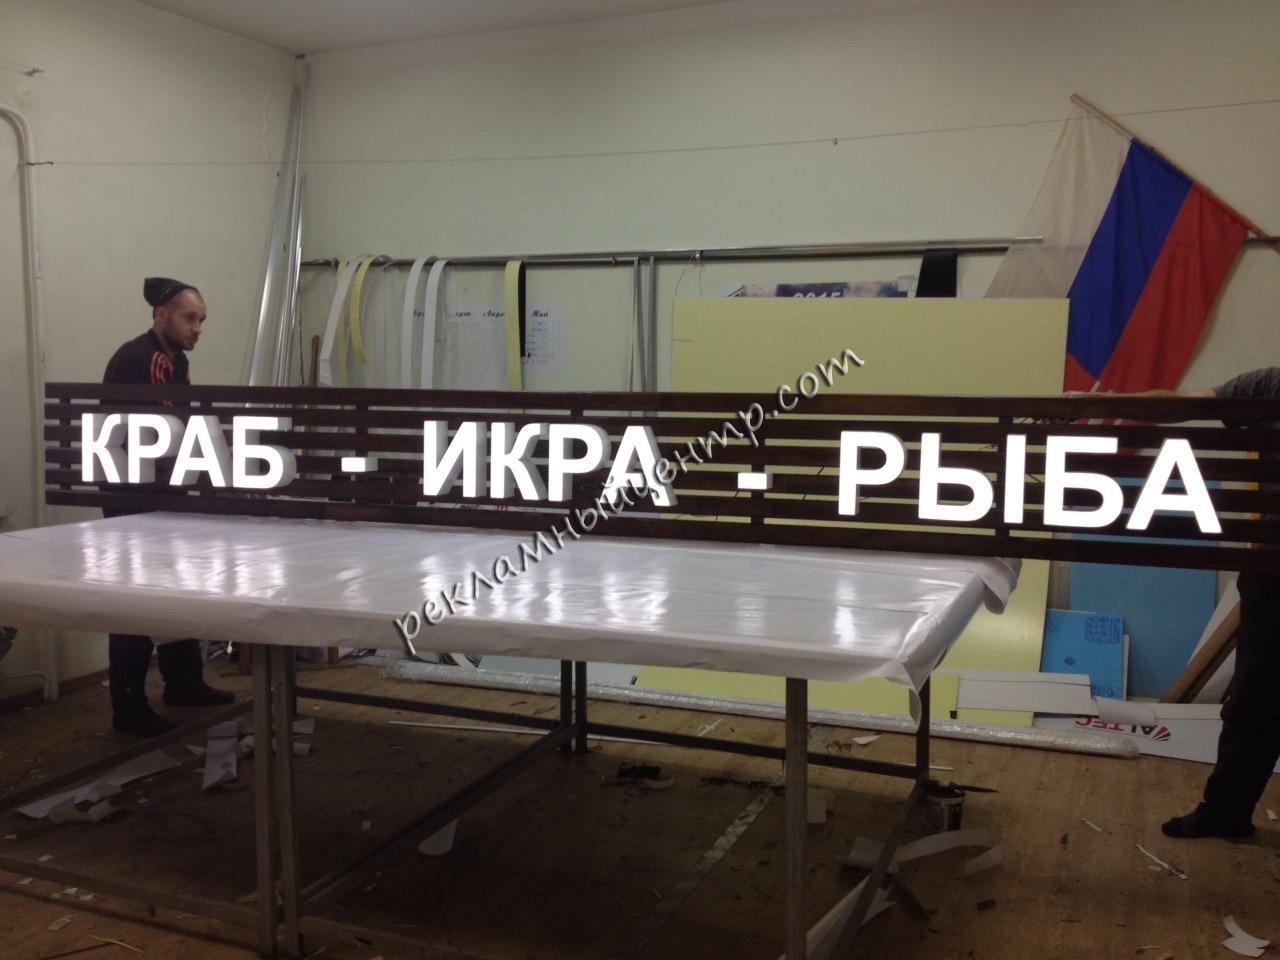 Вывеска с объемными буквами для магазина морепродуктов в Москве